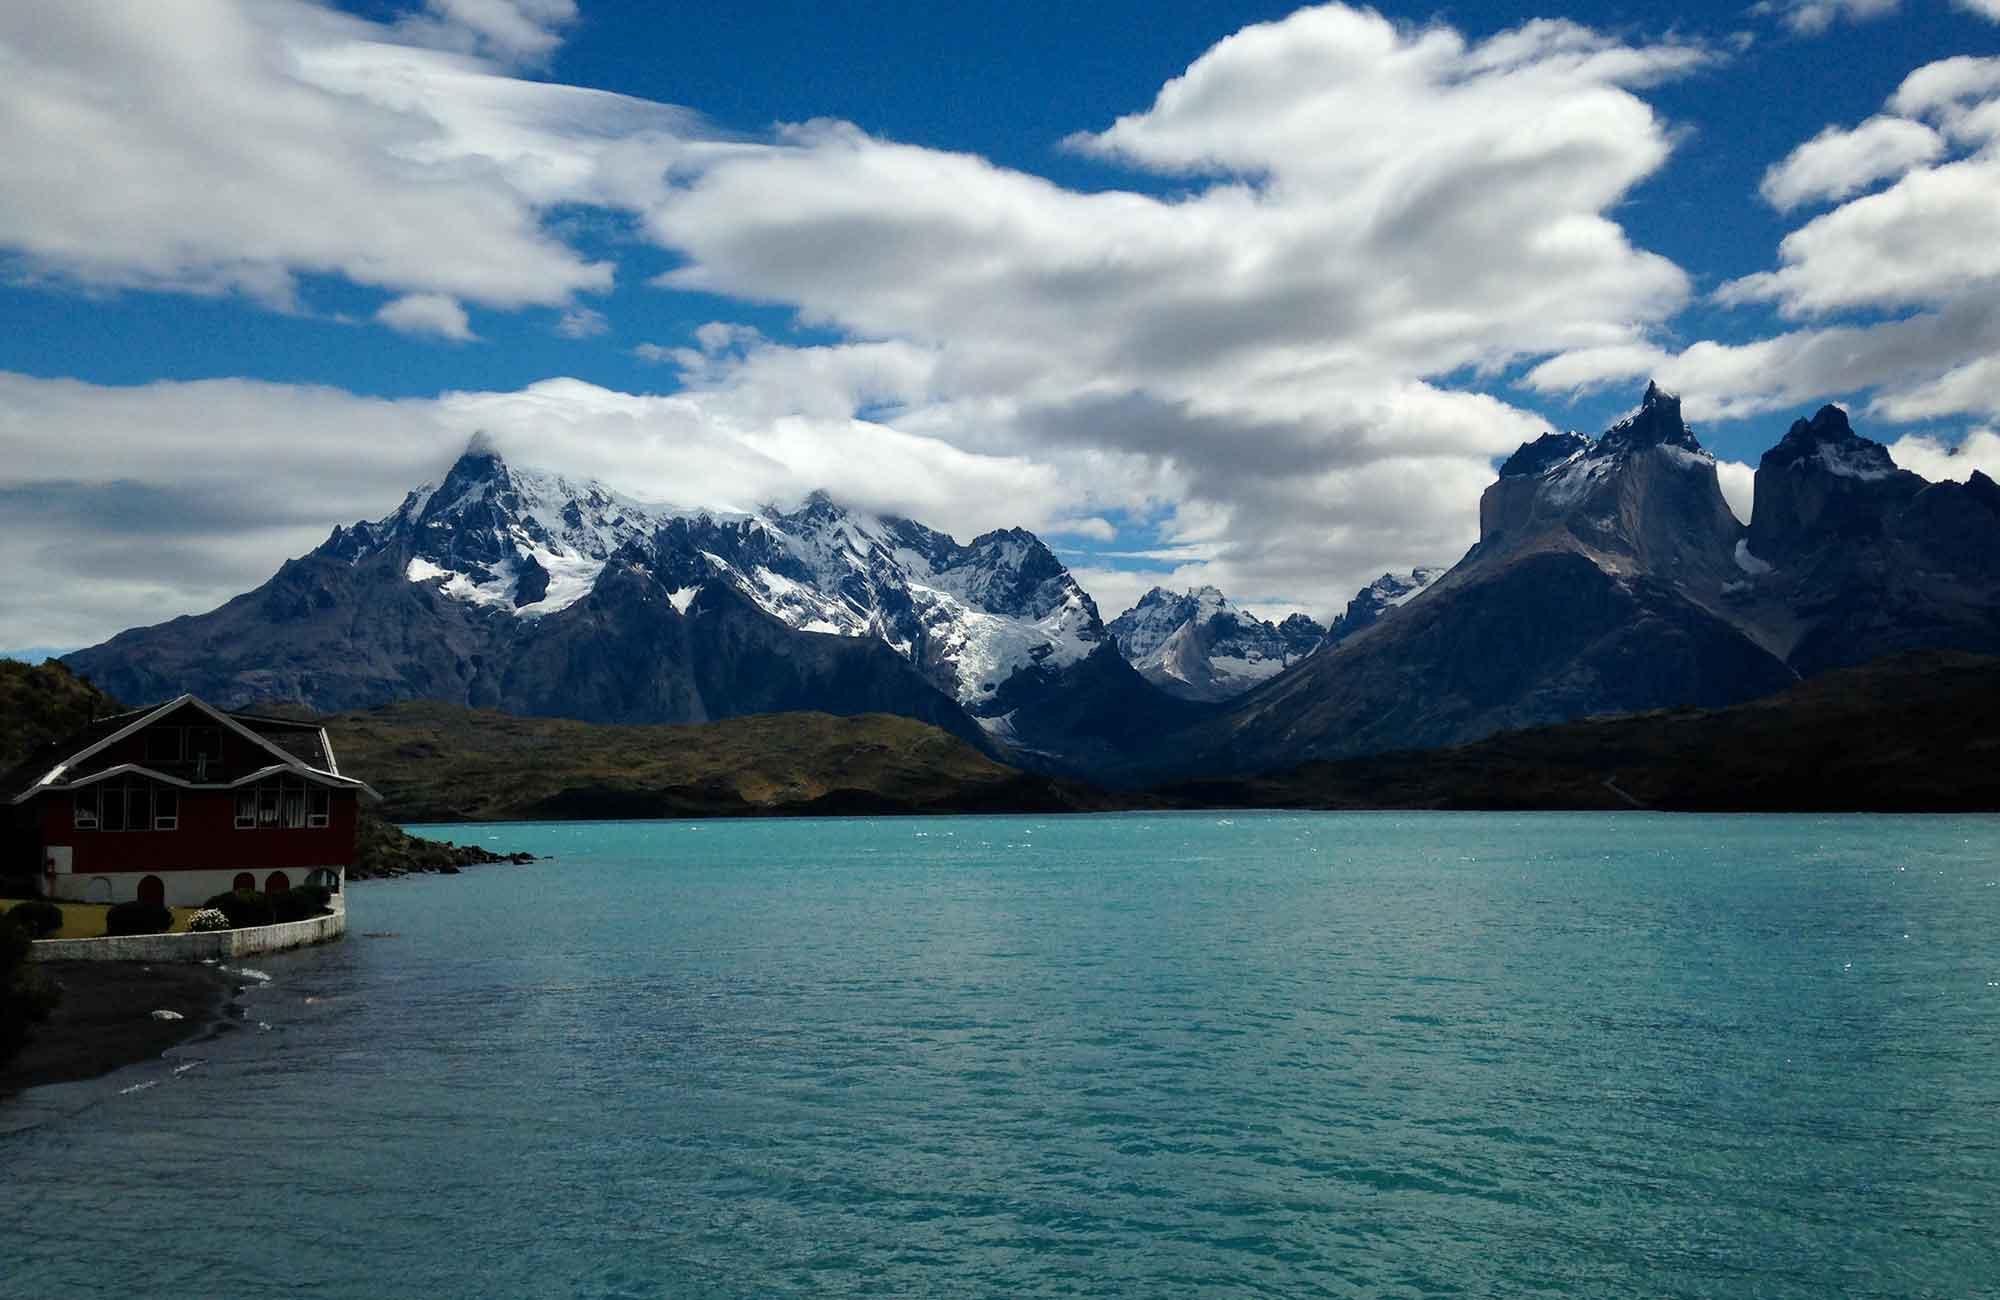 Voyage Chili - Lac Parc Torres del Paine Patagonie - Amplitudes